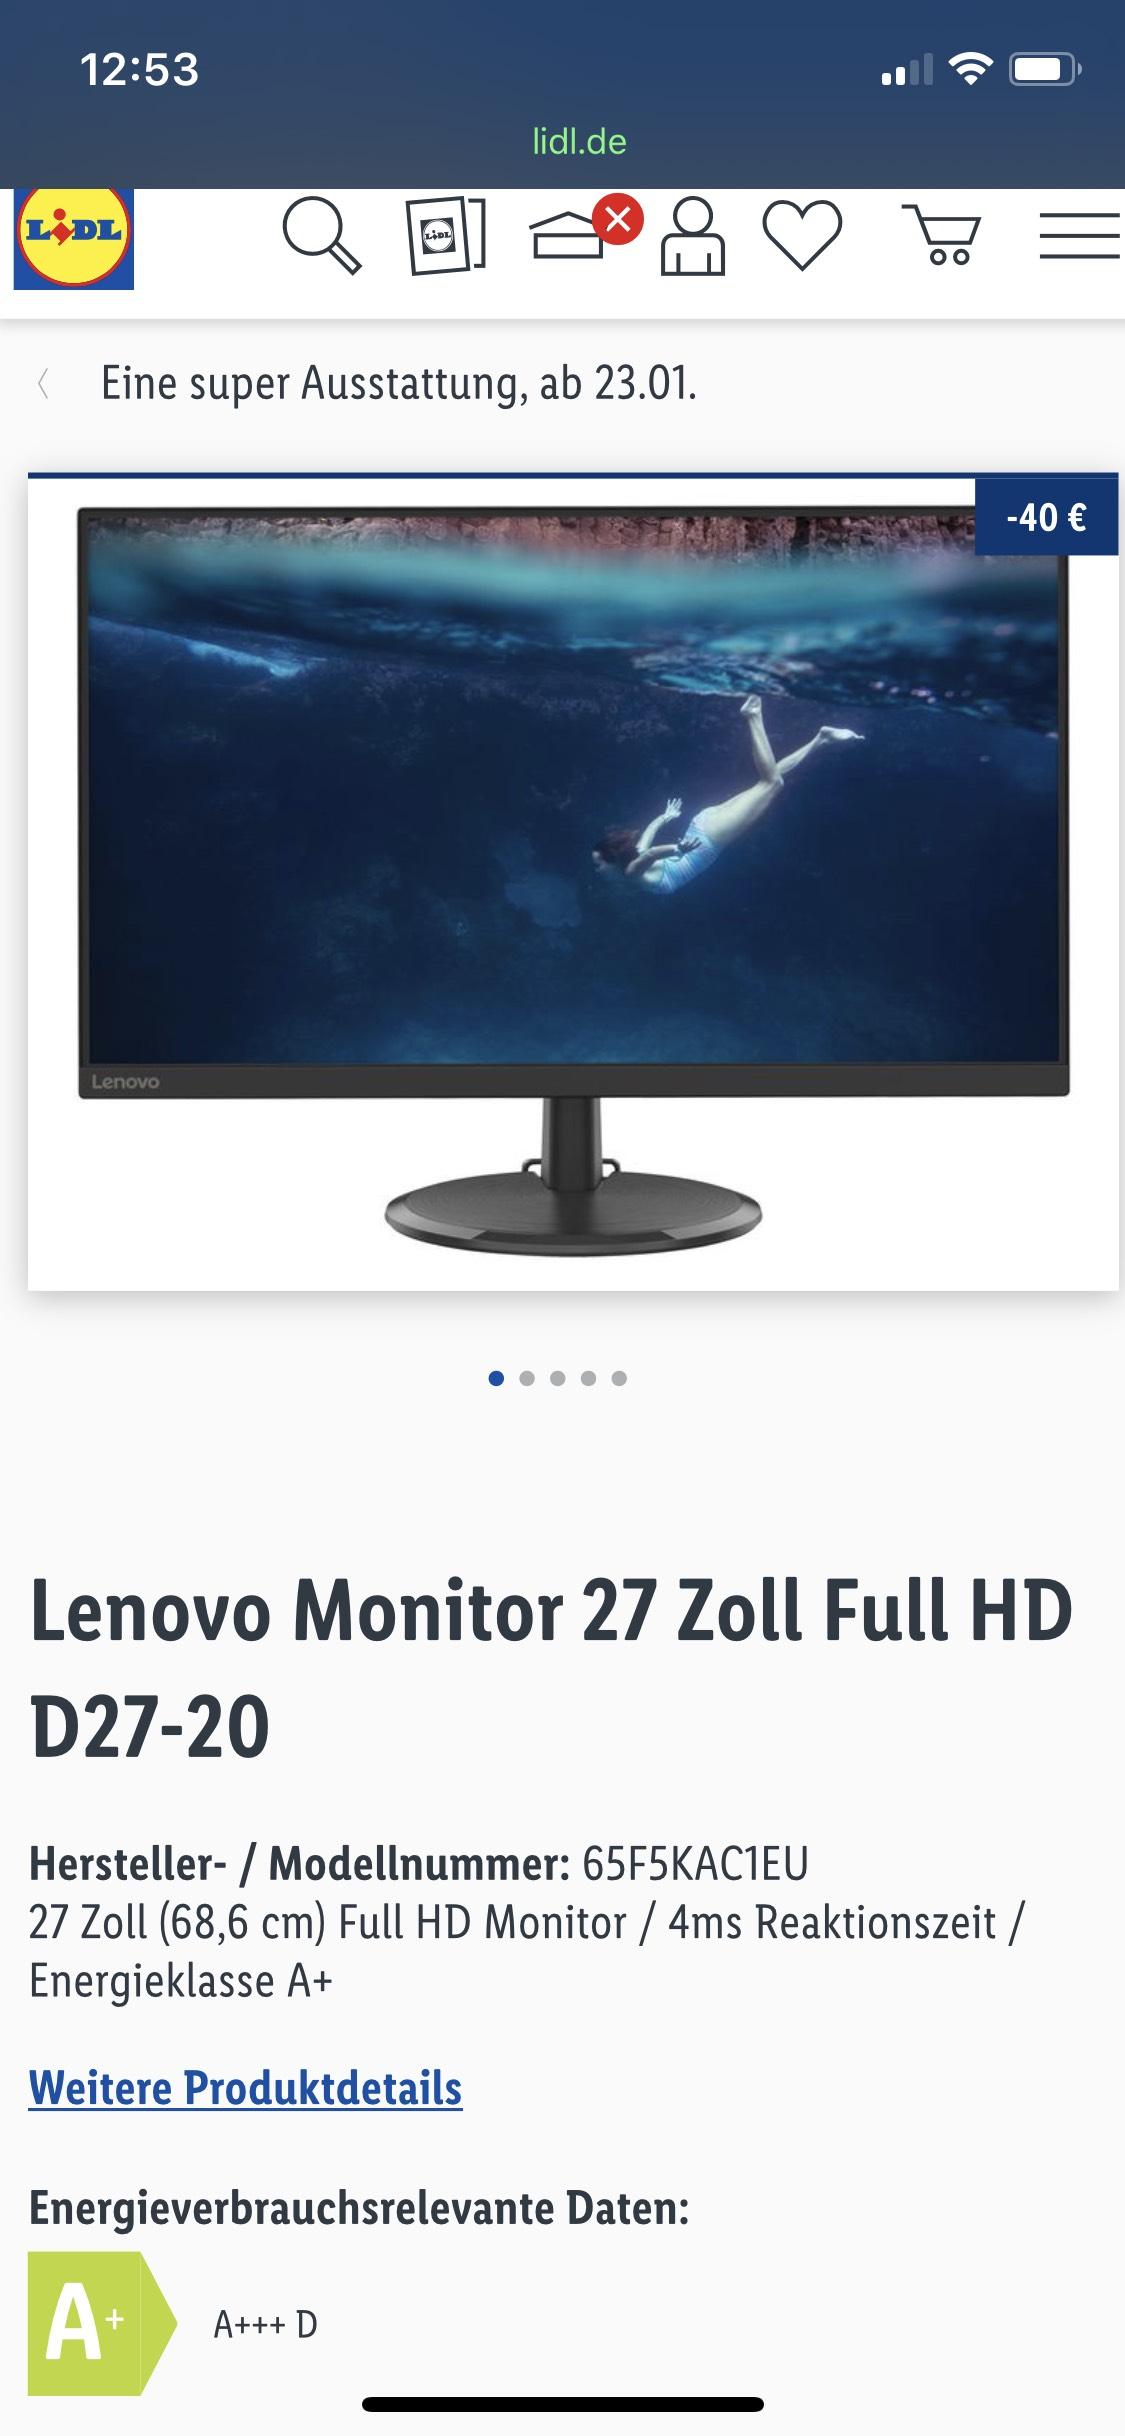 Lenovo D27-20 FullHD 27 Zoll 75hz 4ms [Lidl]